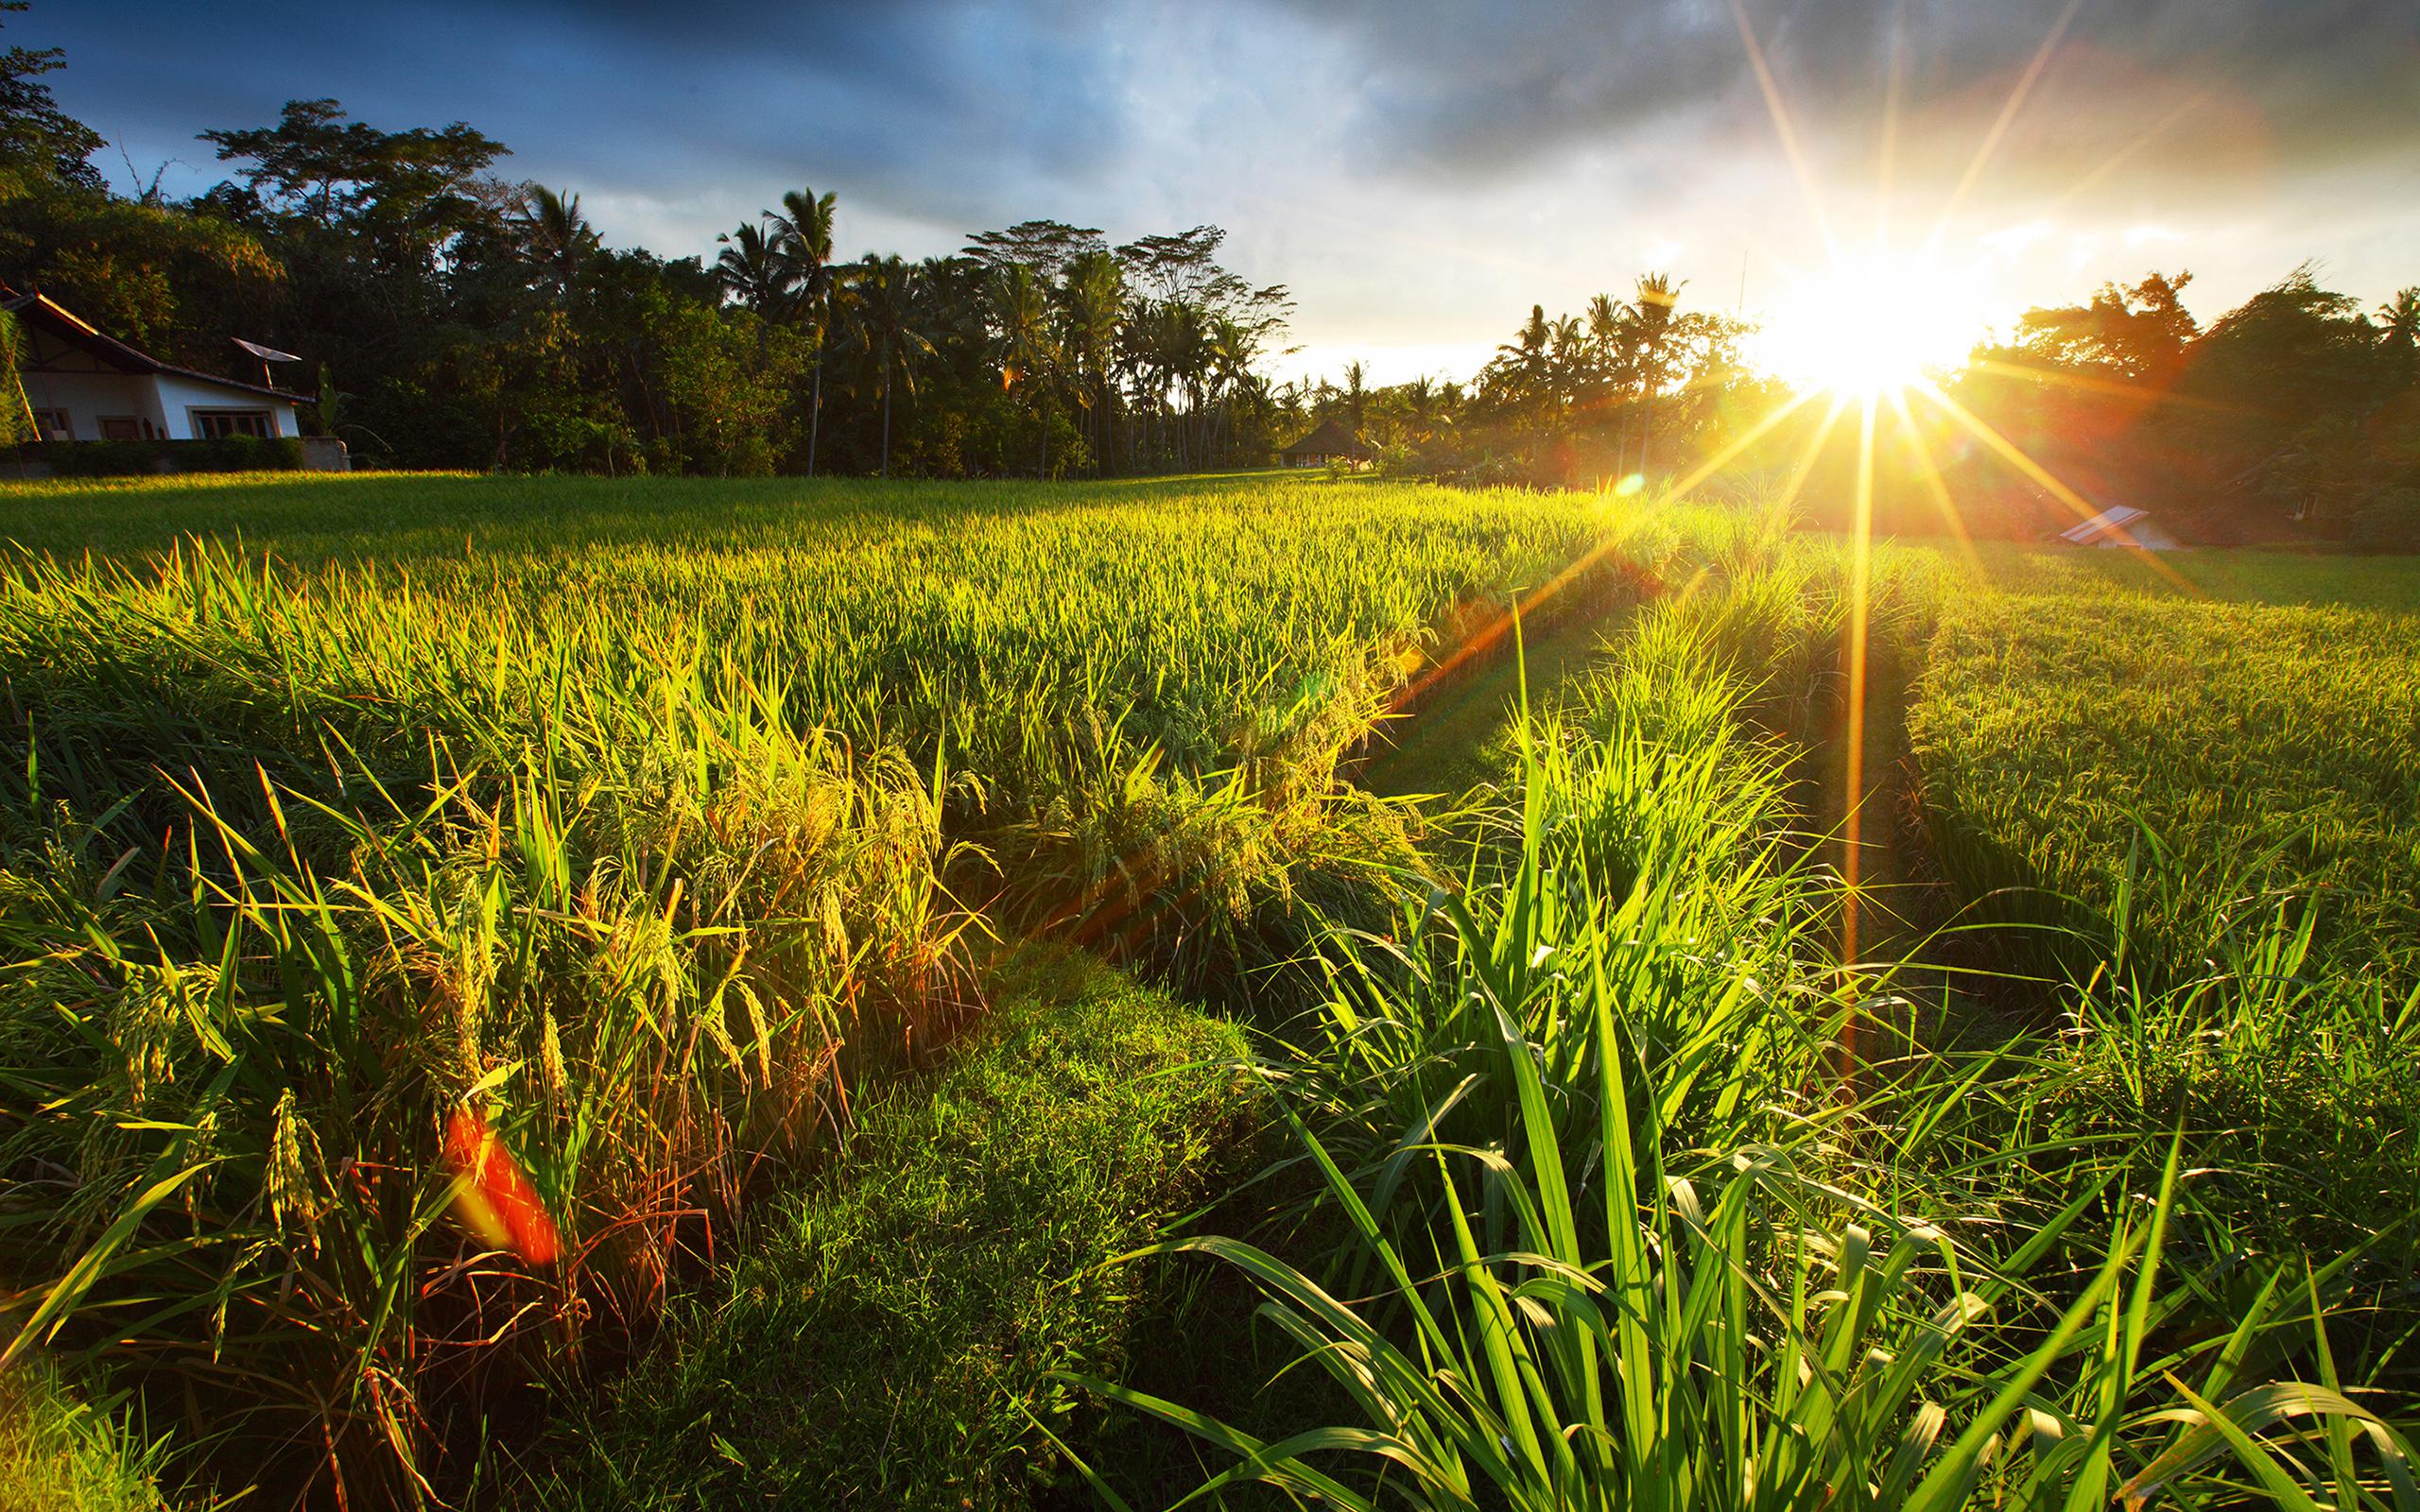 картинка утро трава природа способ отправки